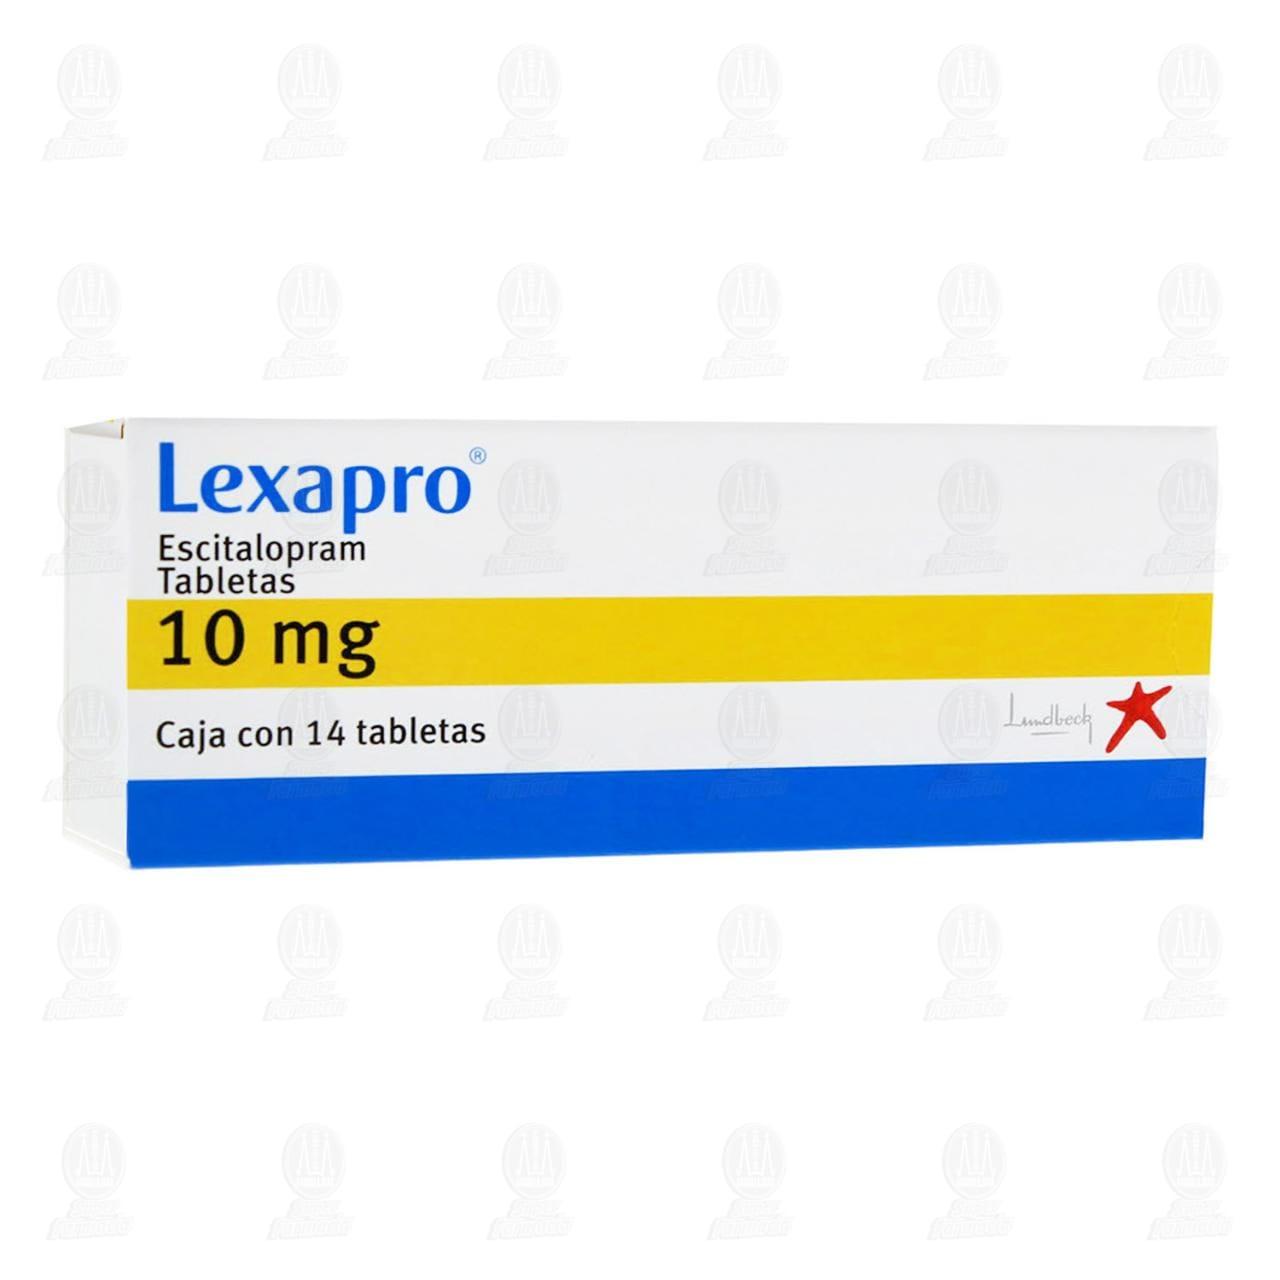 comprar https://www.movil.farmaciasguadalajara.com/wcsstore/FGCAS/wcs/products/932558_A_1280_AL.jpg en farmacias guadalajara